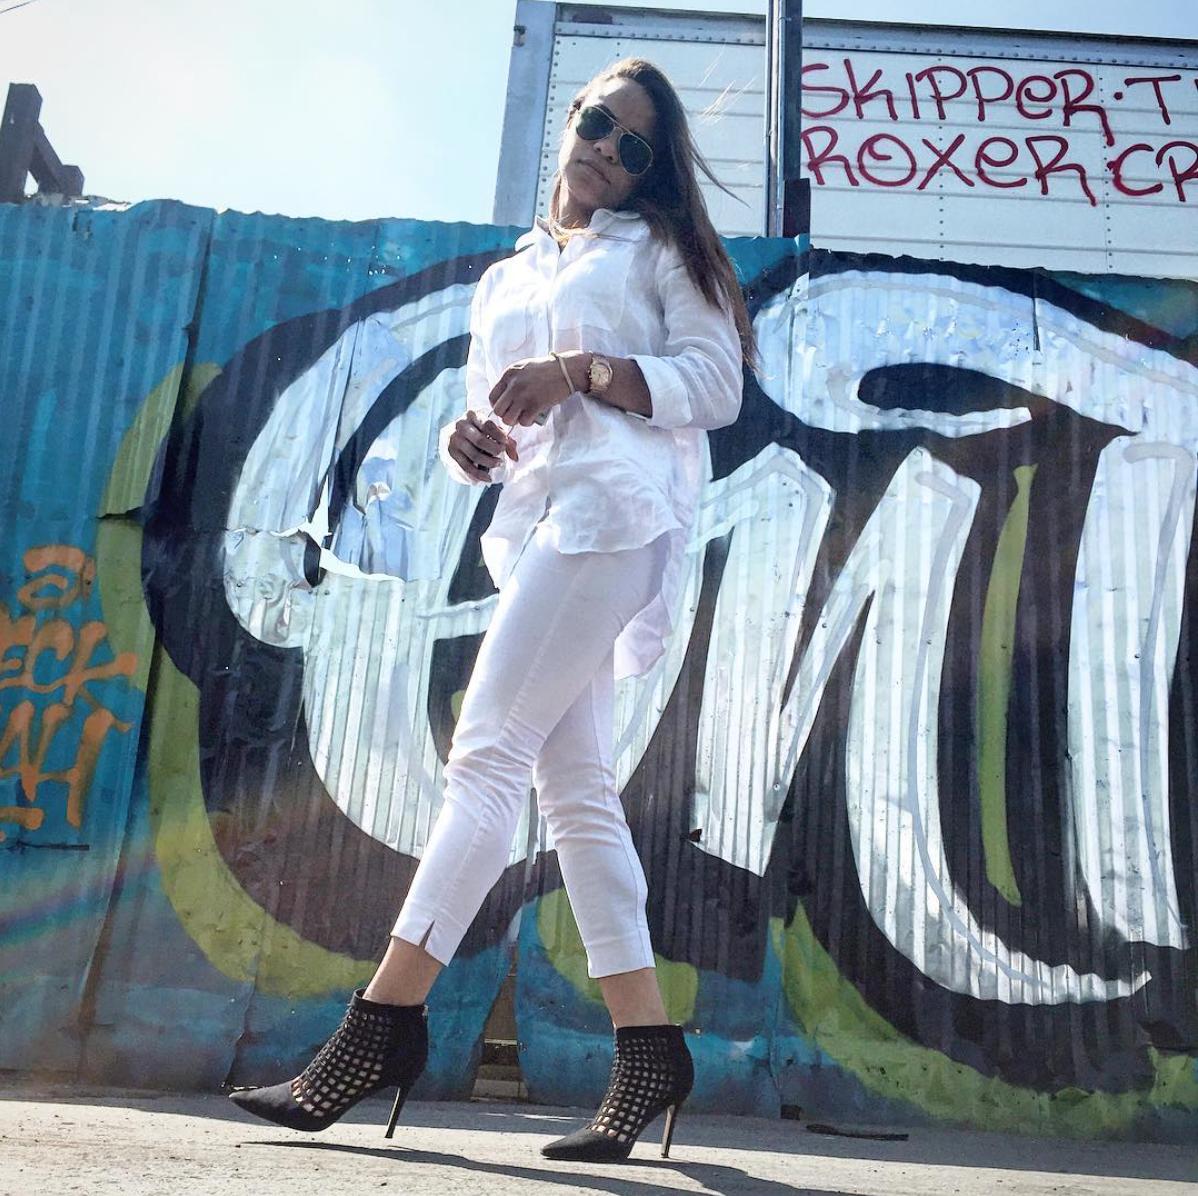 wearing: H&M pant, LAUREN Ralph Lauren linen top, ALDO shoes, Ray Ban sunnies